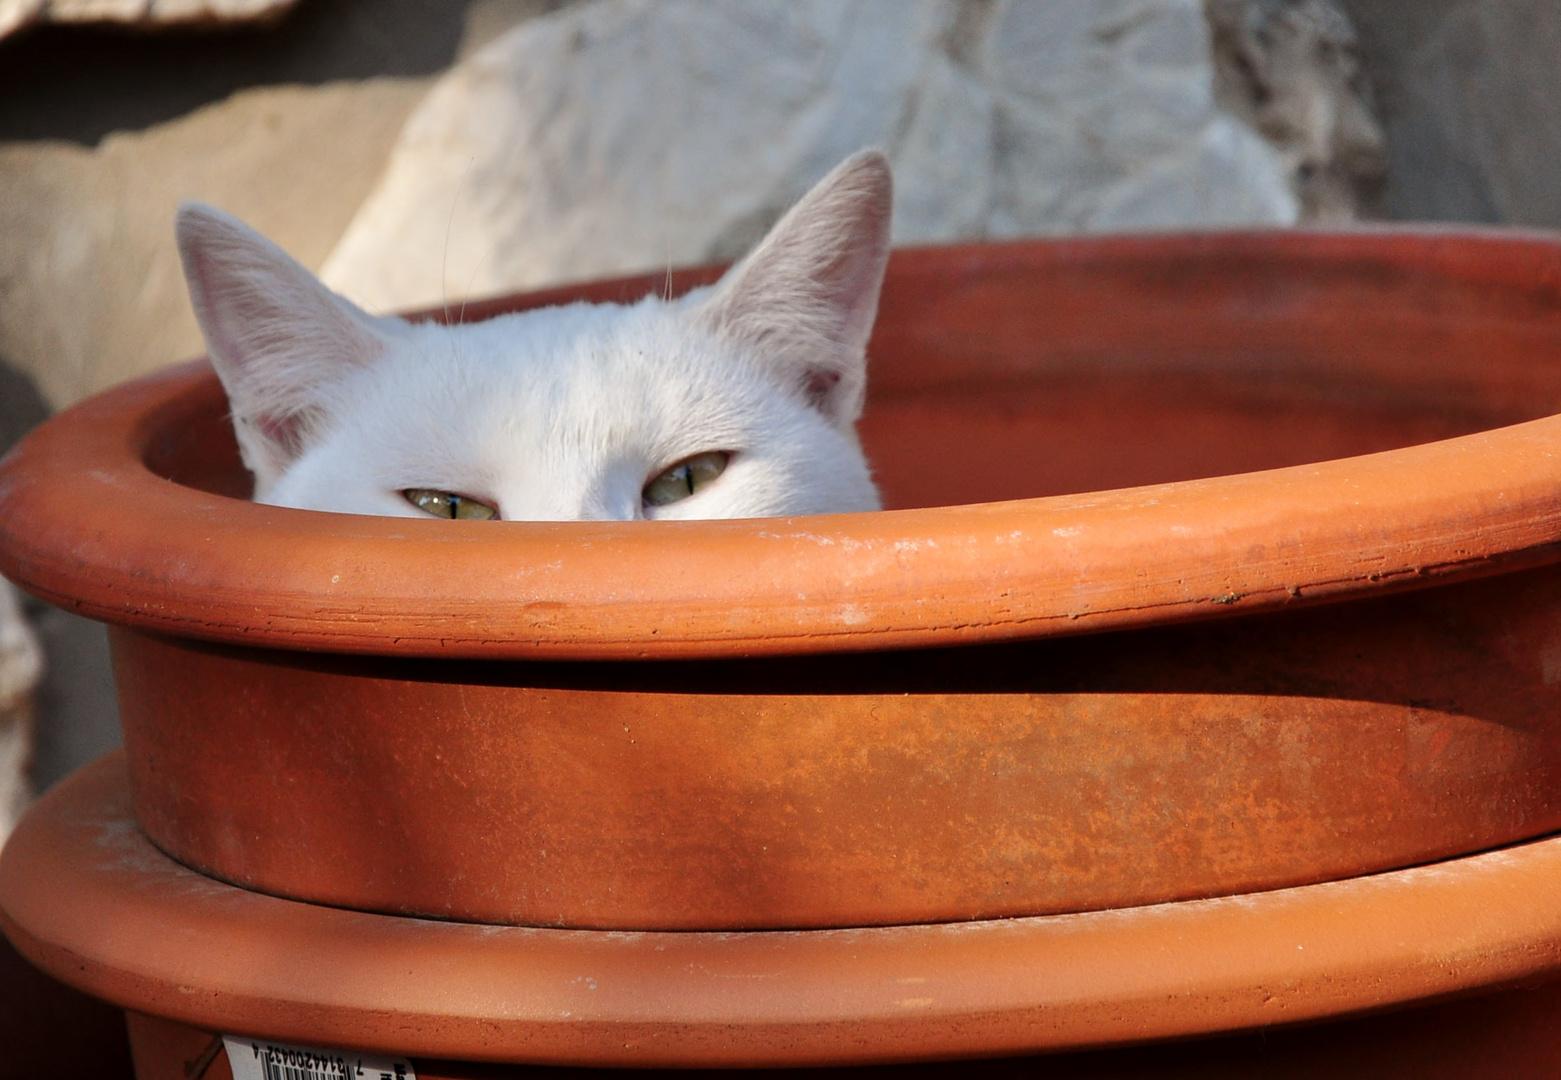 Katze im Topf